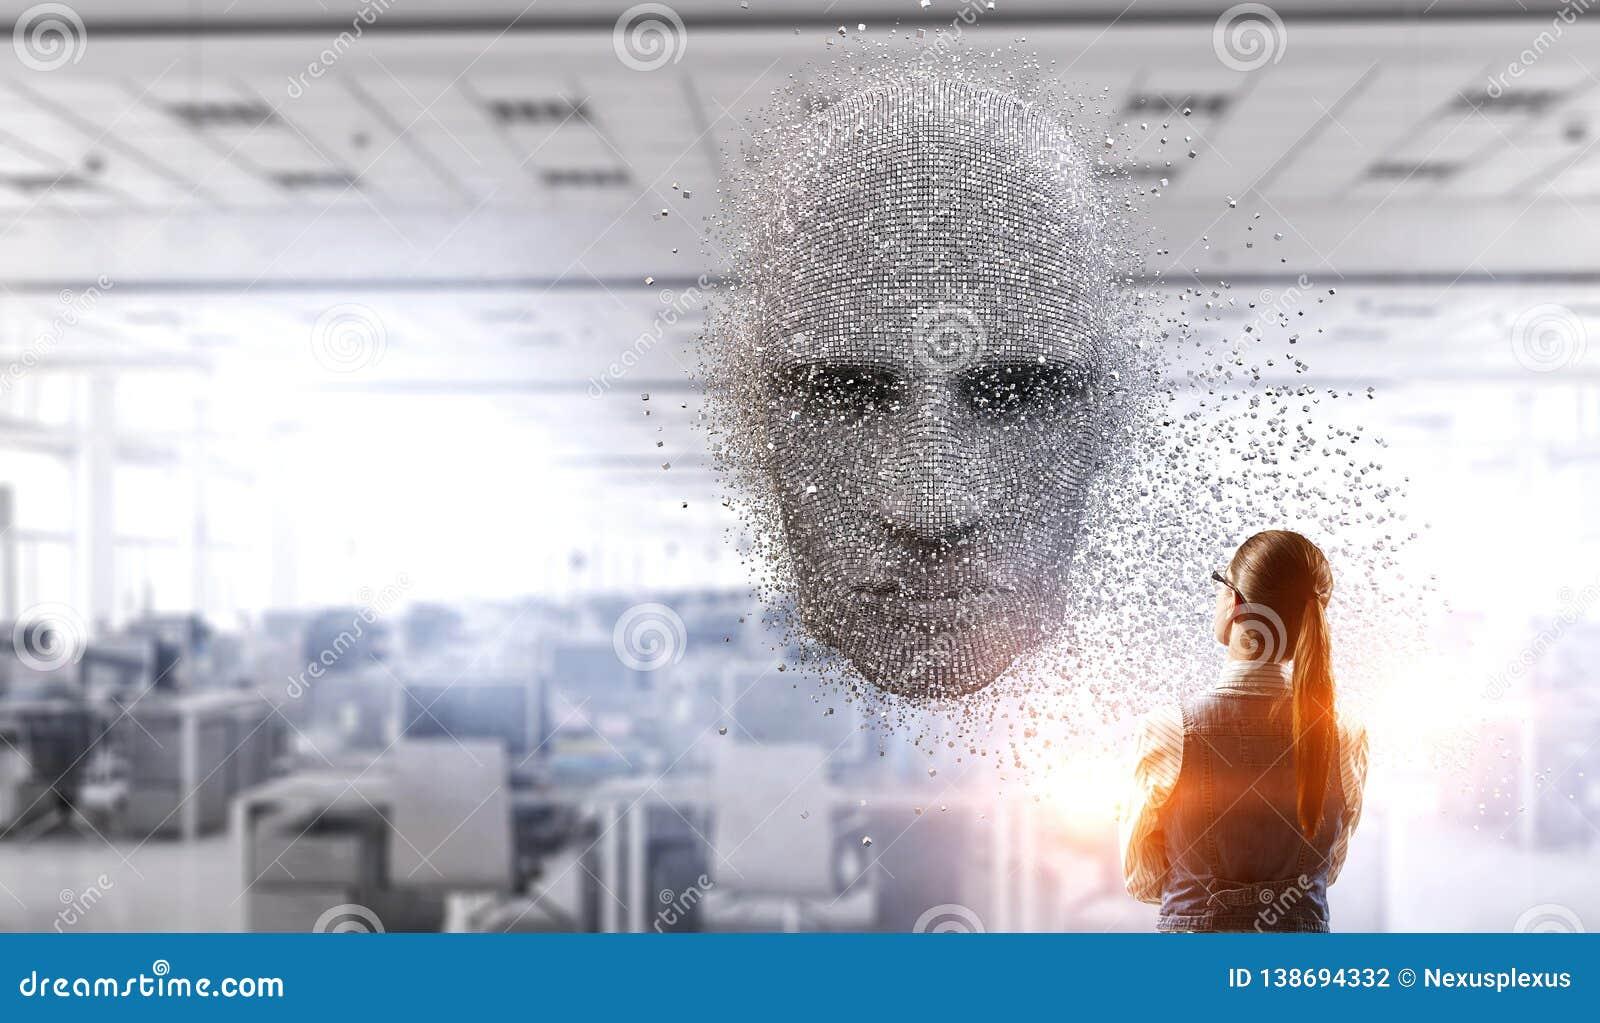 Inteligencia artificial y tecnologías futuras Técnicas mixtas